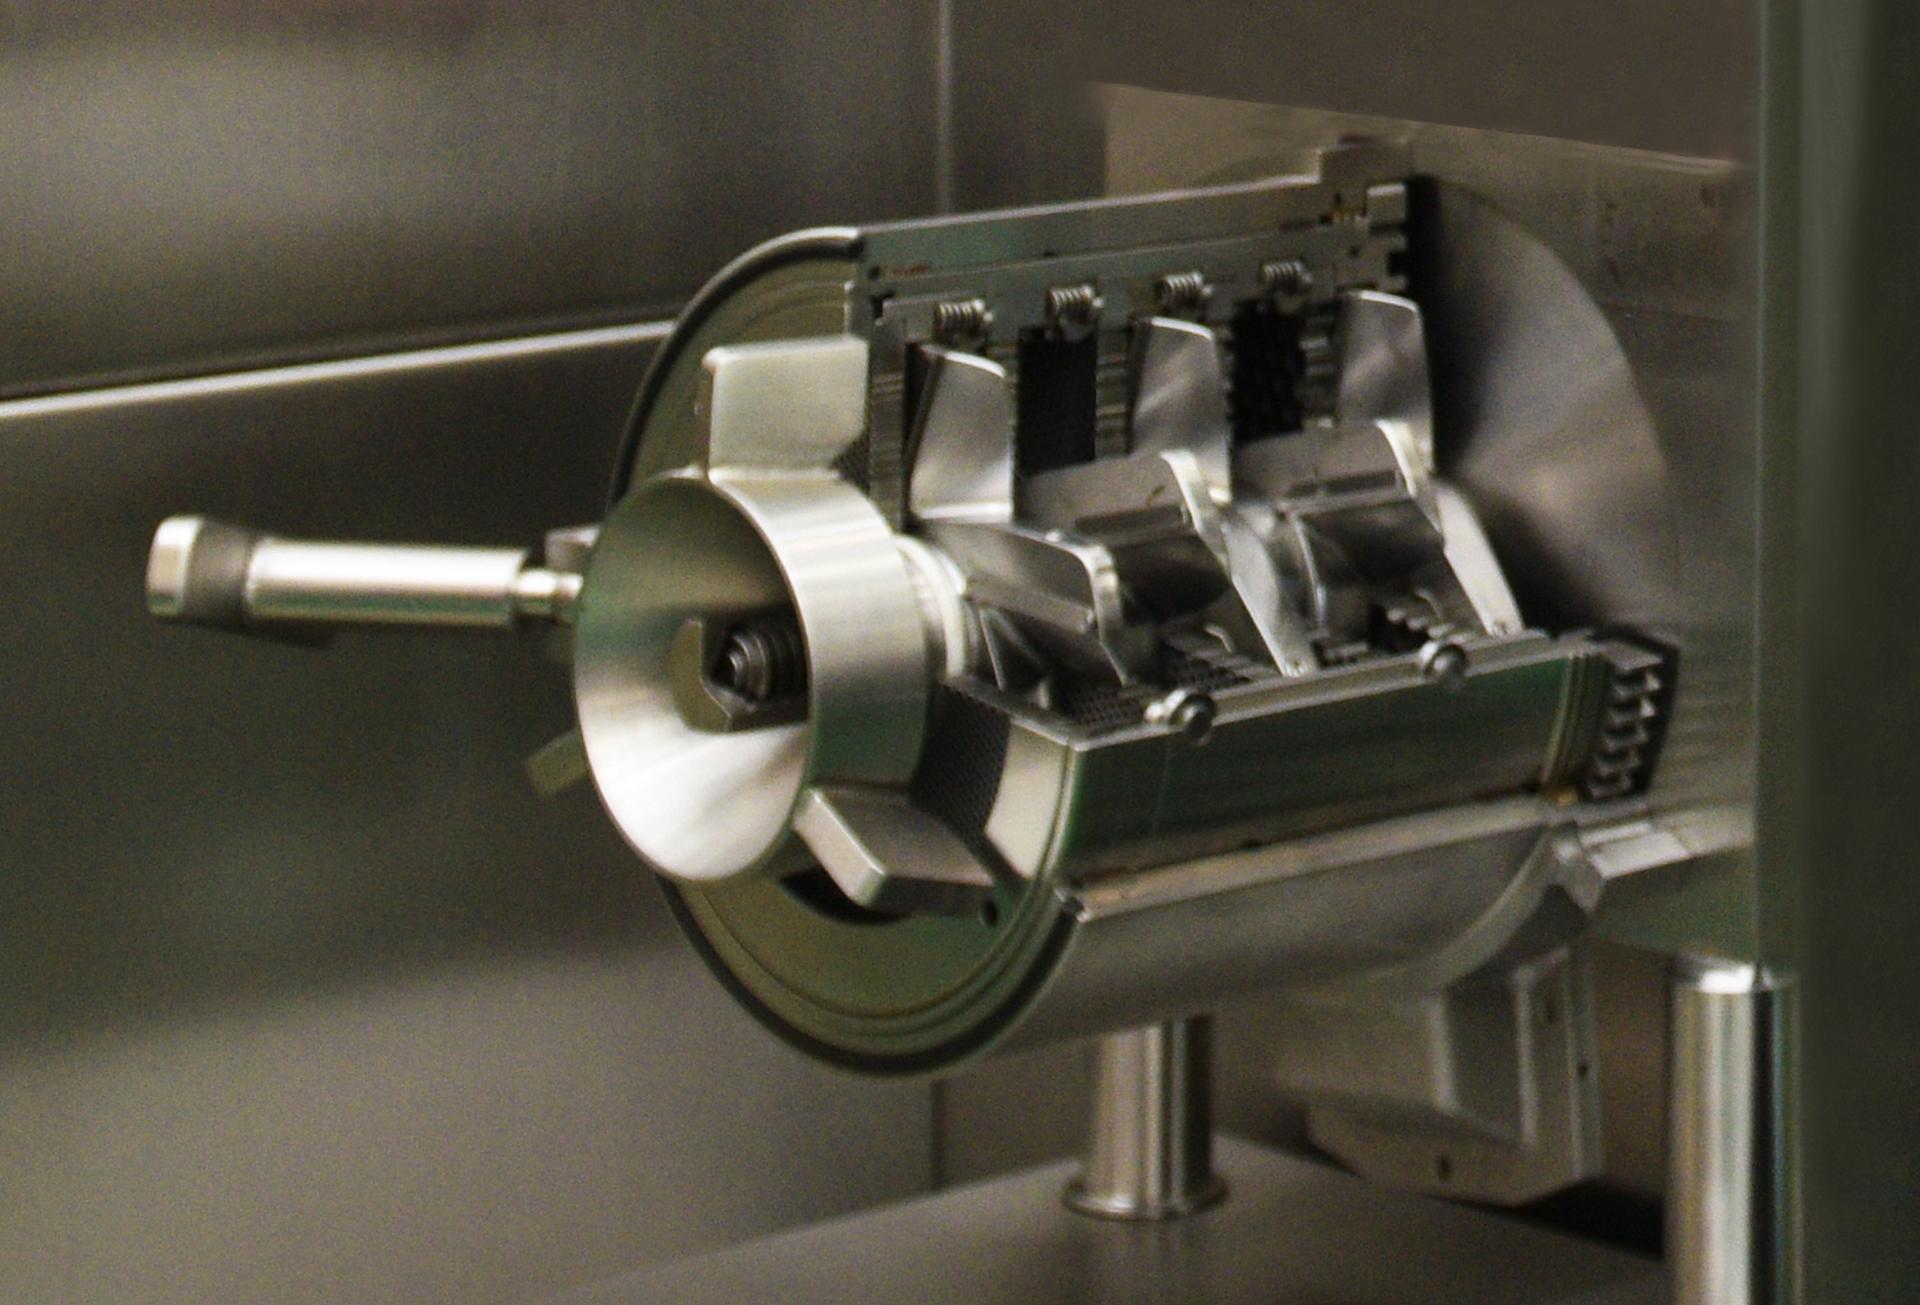 Модульная система ножевой головки Inotec - пяти ножевого режущего комплекта.